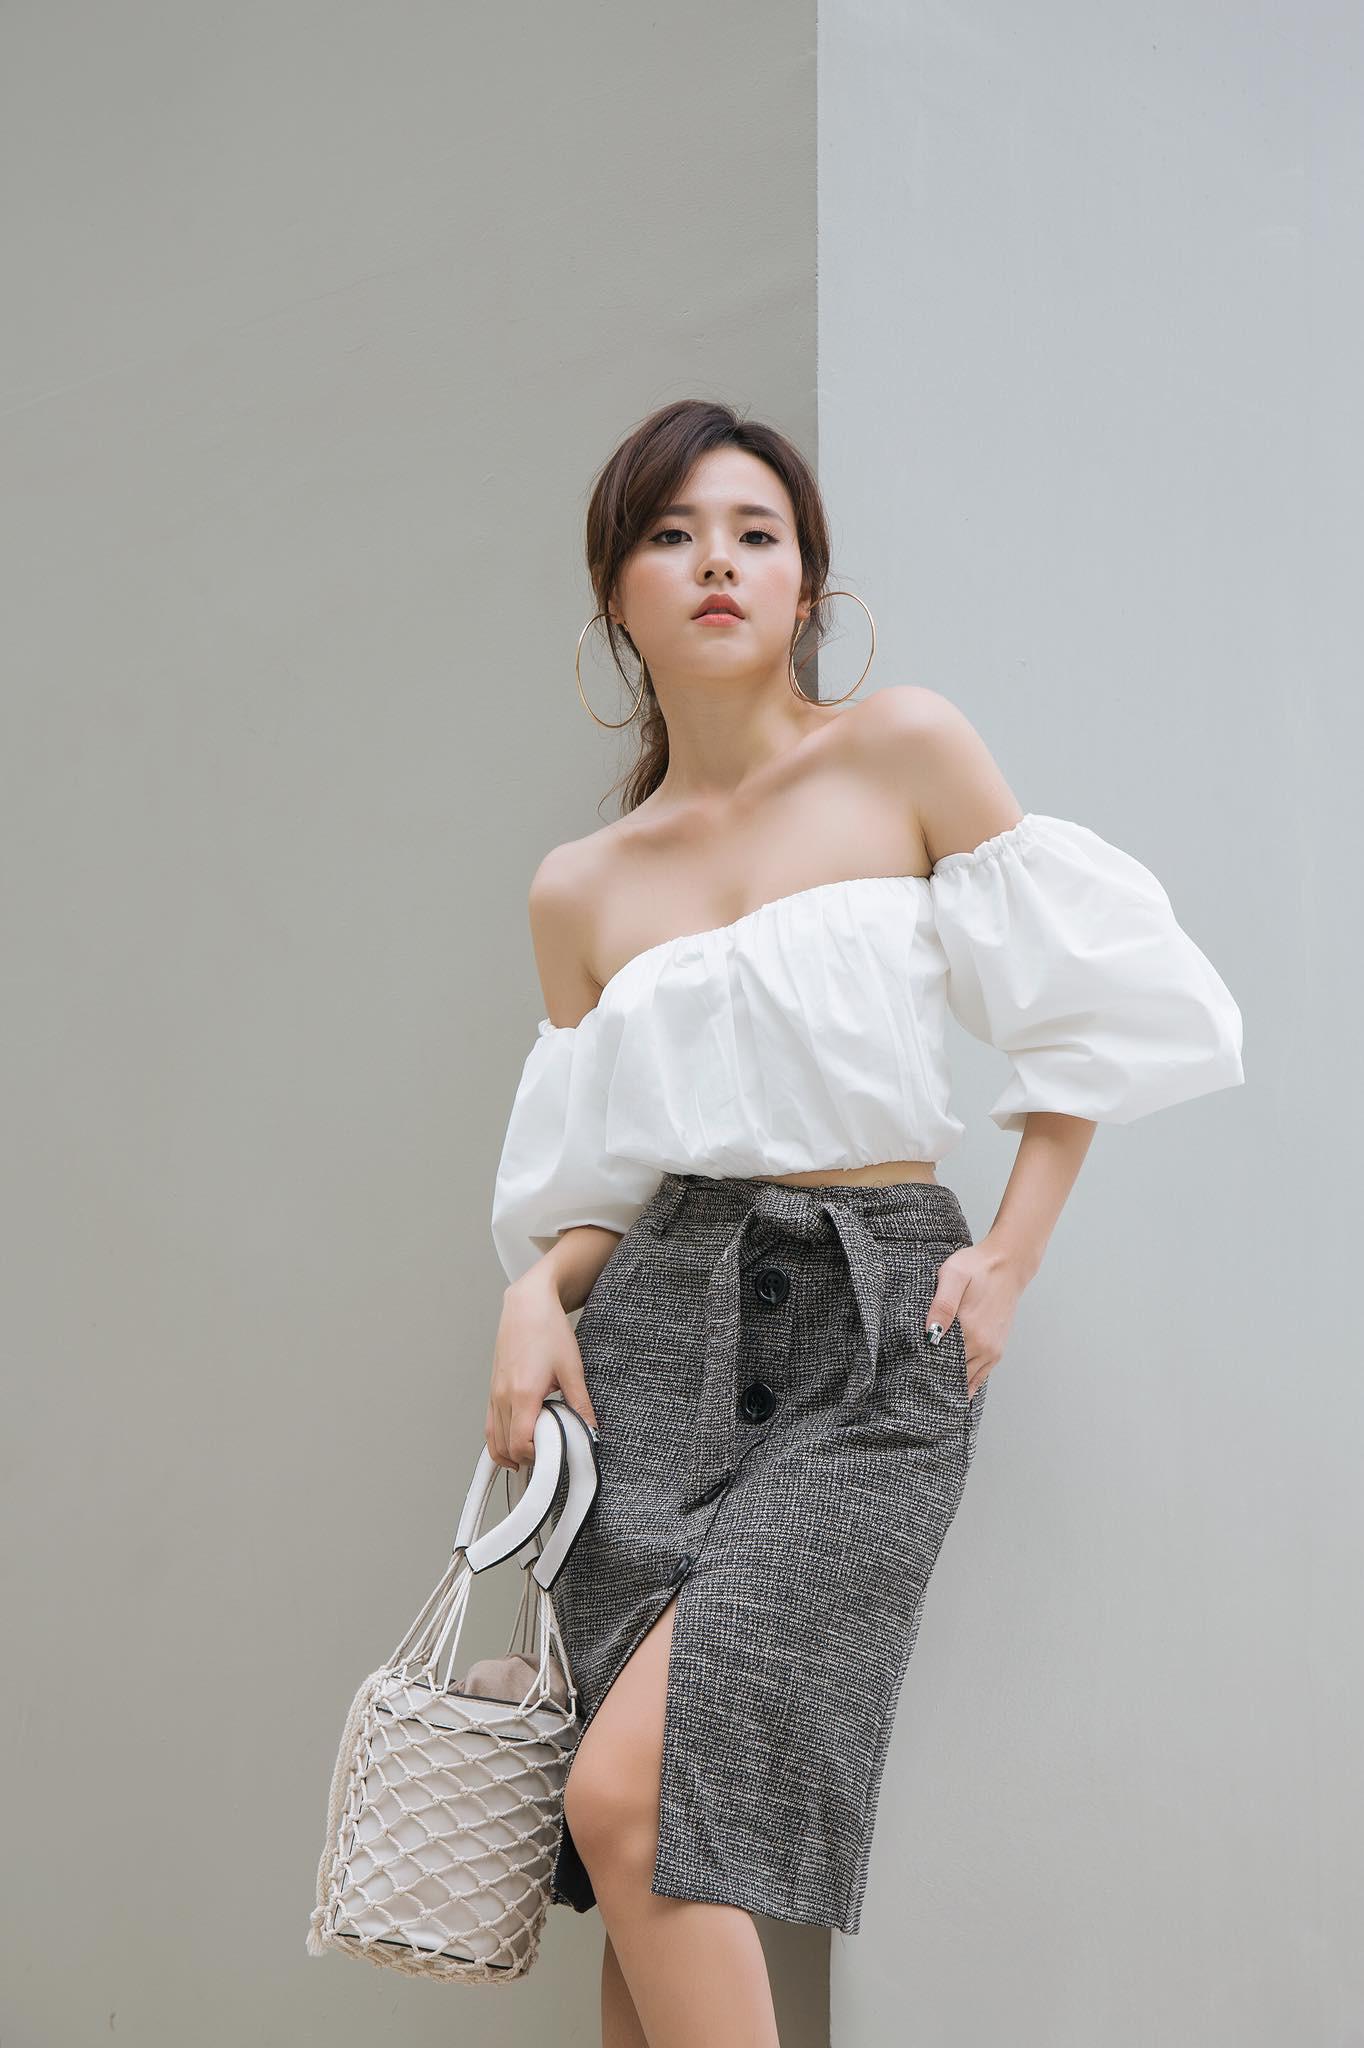 """Dàn mỹ nhân Việt gây """"choáng"""" khi bất ngờ diện bikini khoe dáng nóng bỏng dù suốt ngày trung thành style kín đáo - Ảnh 3."""